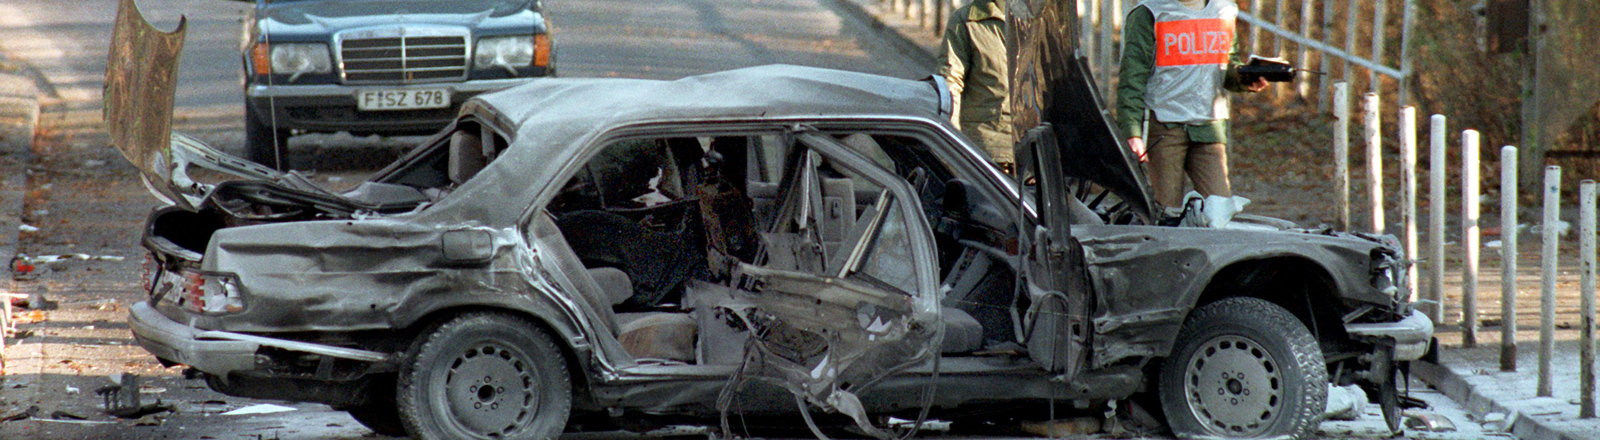 Alfred Herrhausen wurde bei einem Bombenattentat am 30.11.1989 in Bad Homburg getötet.